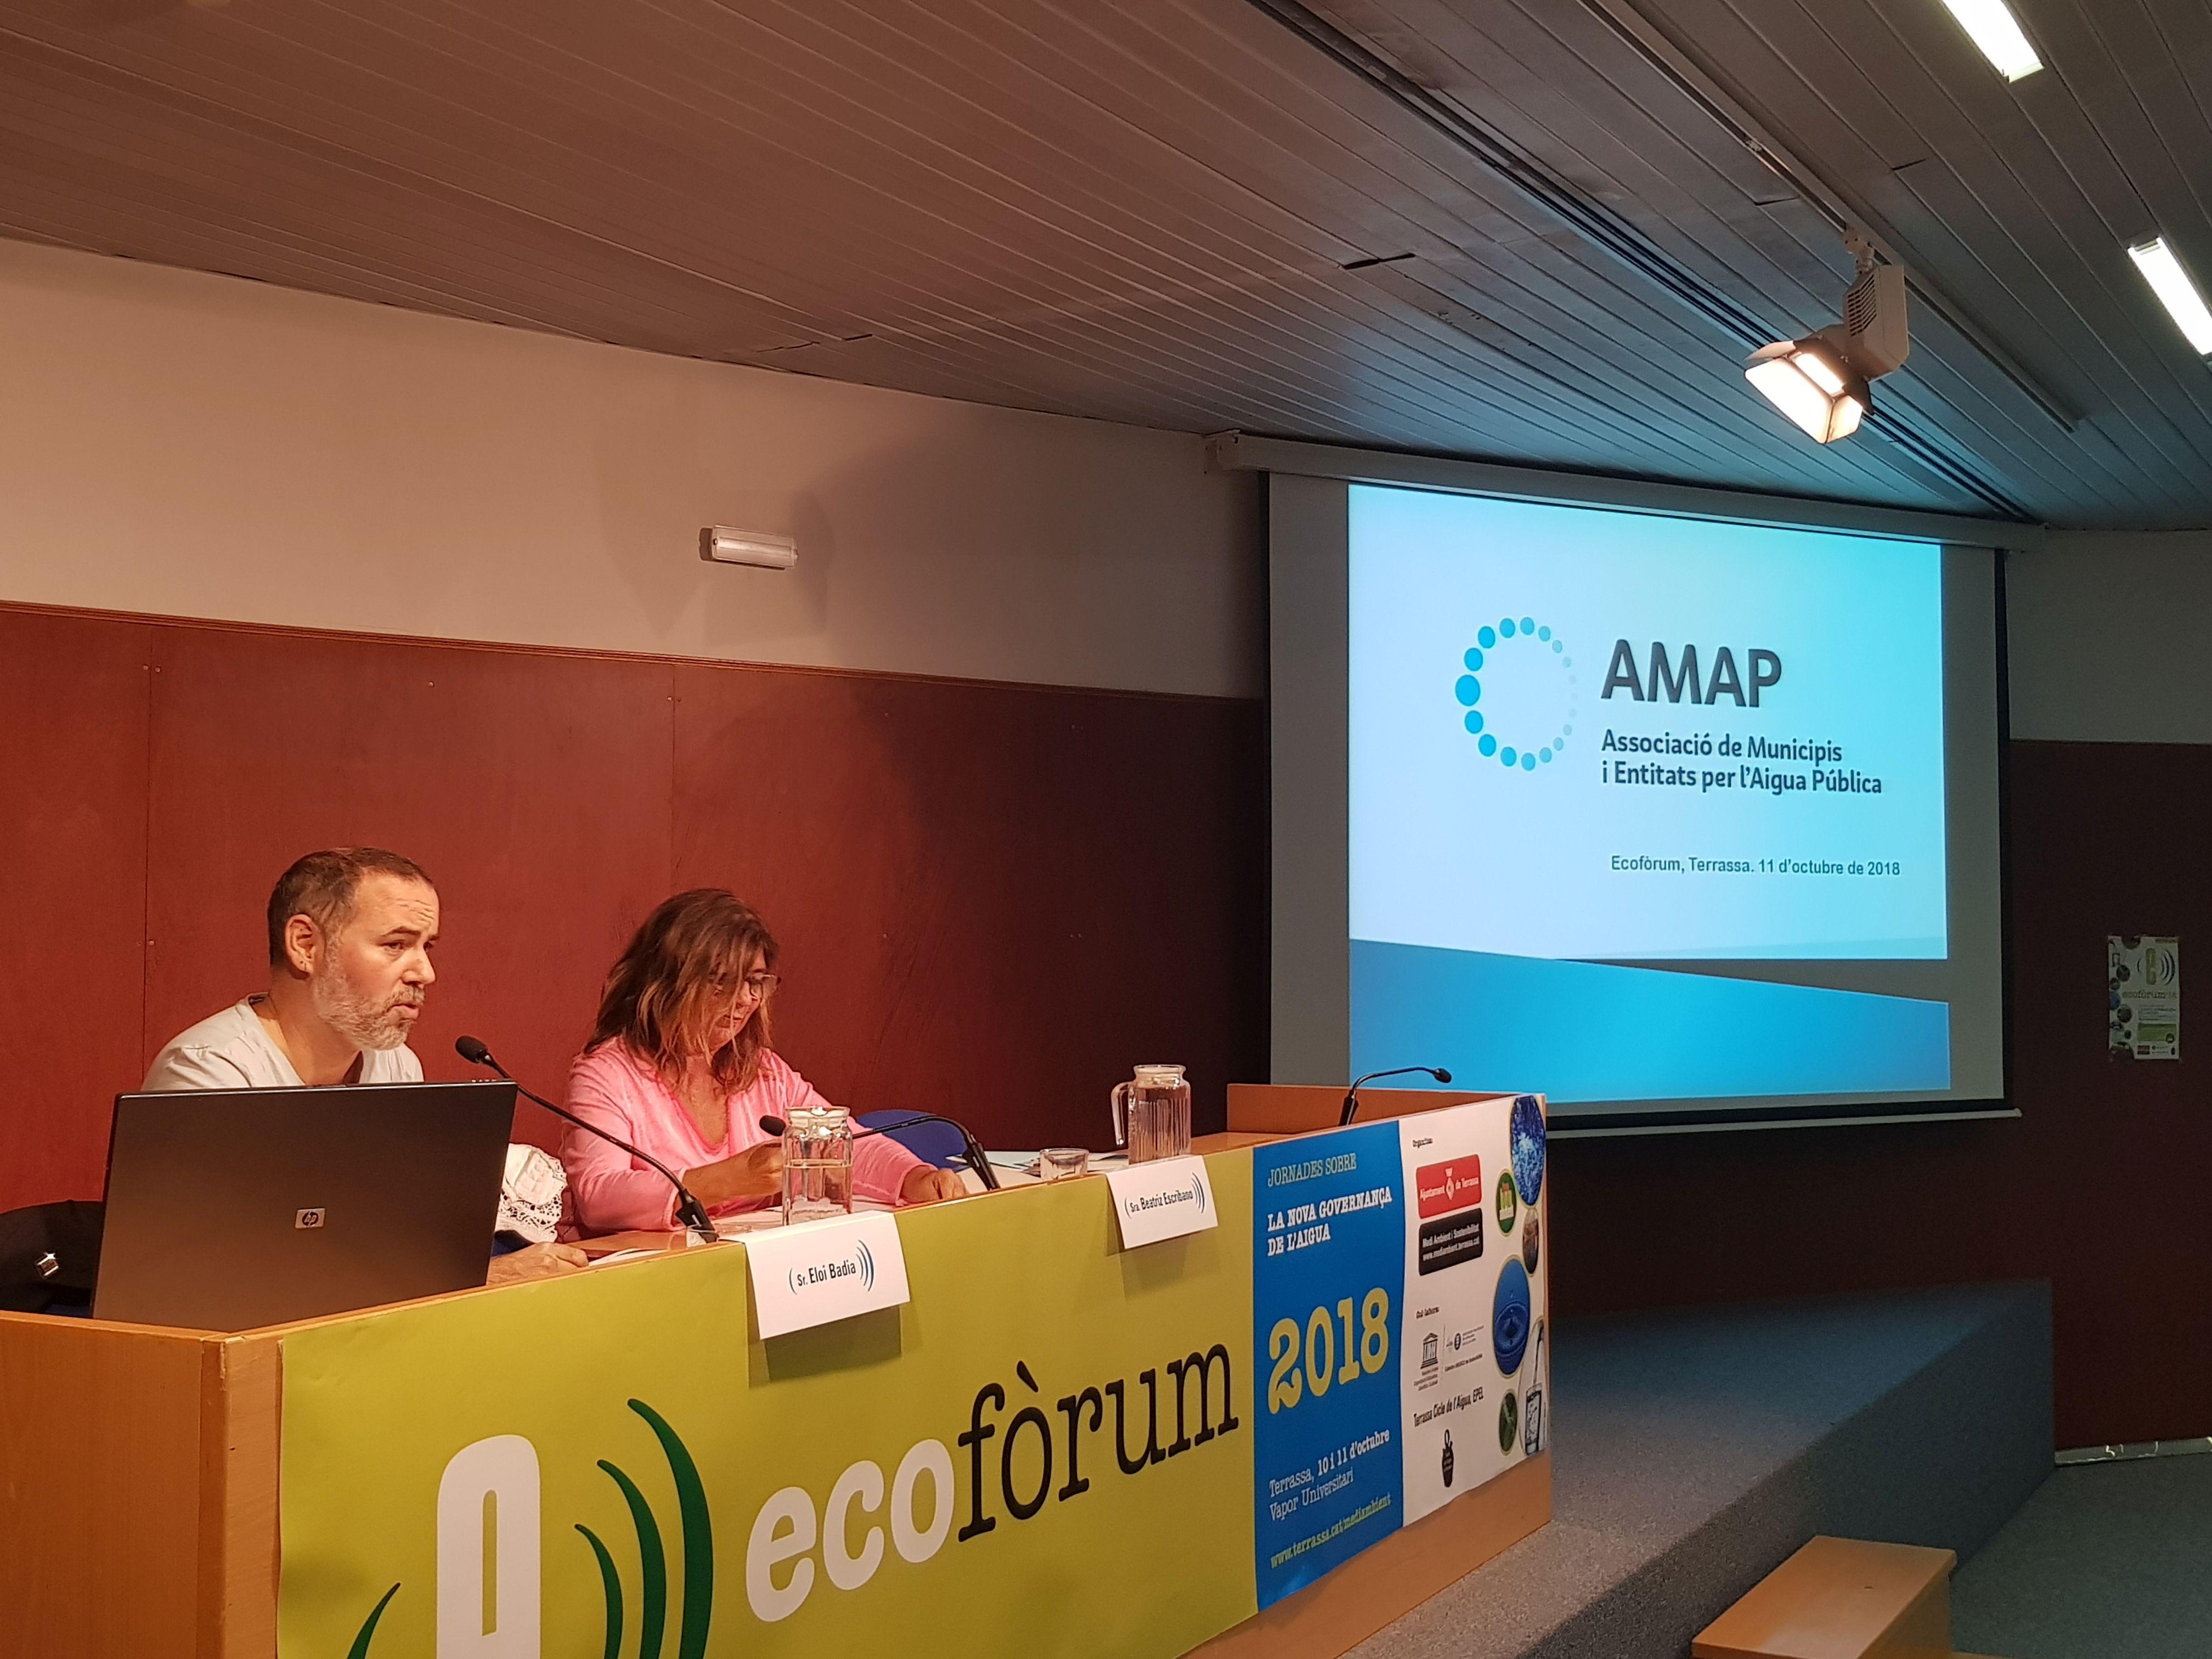 Jornada organitzada per l'AMAP